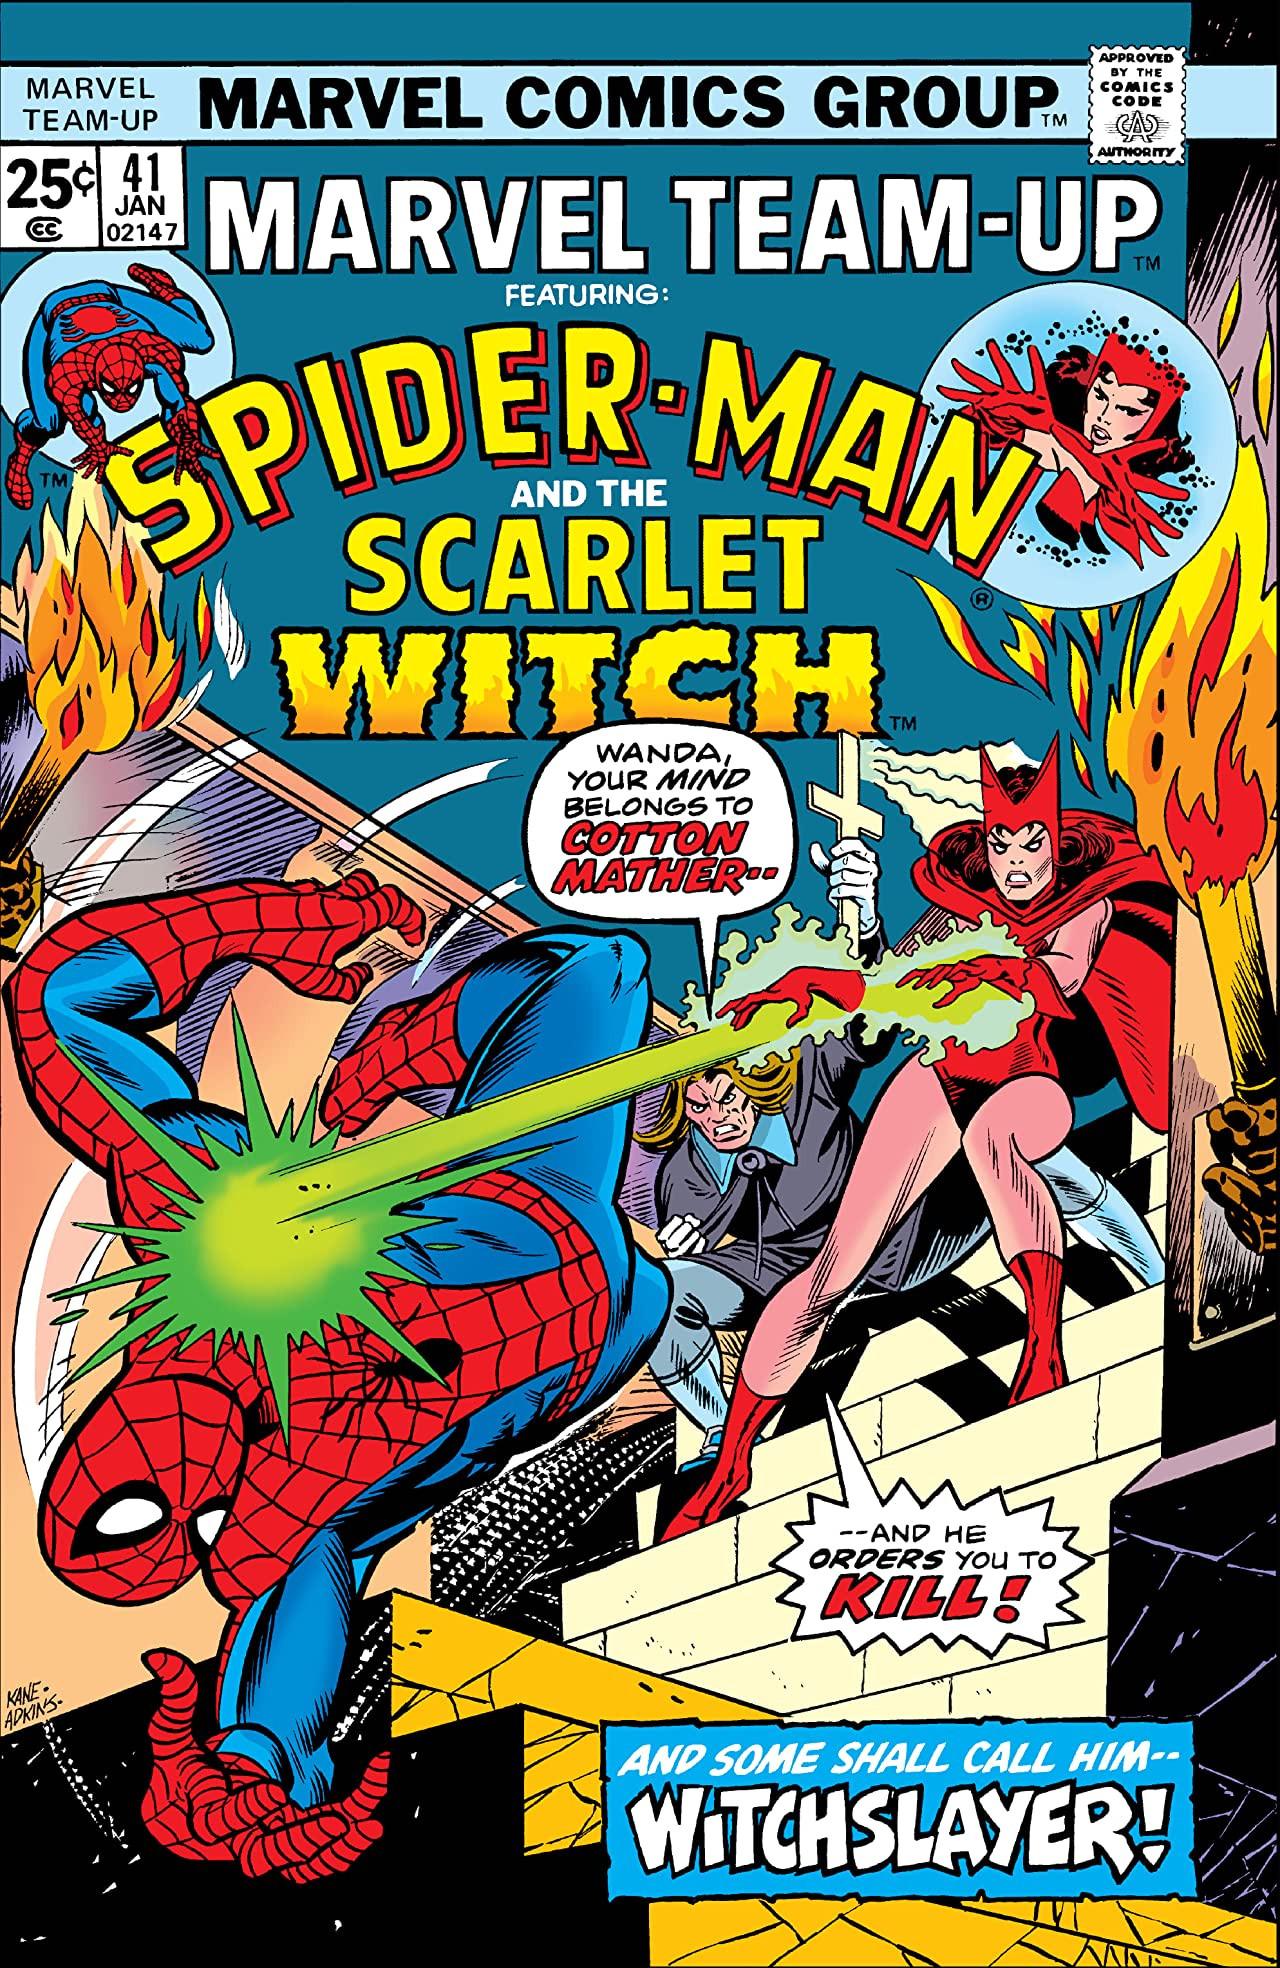 Marvel Team-Up Vol 1 41.jpg